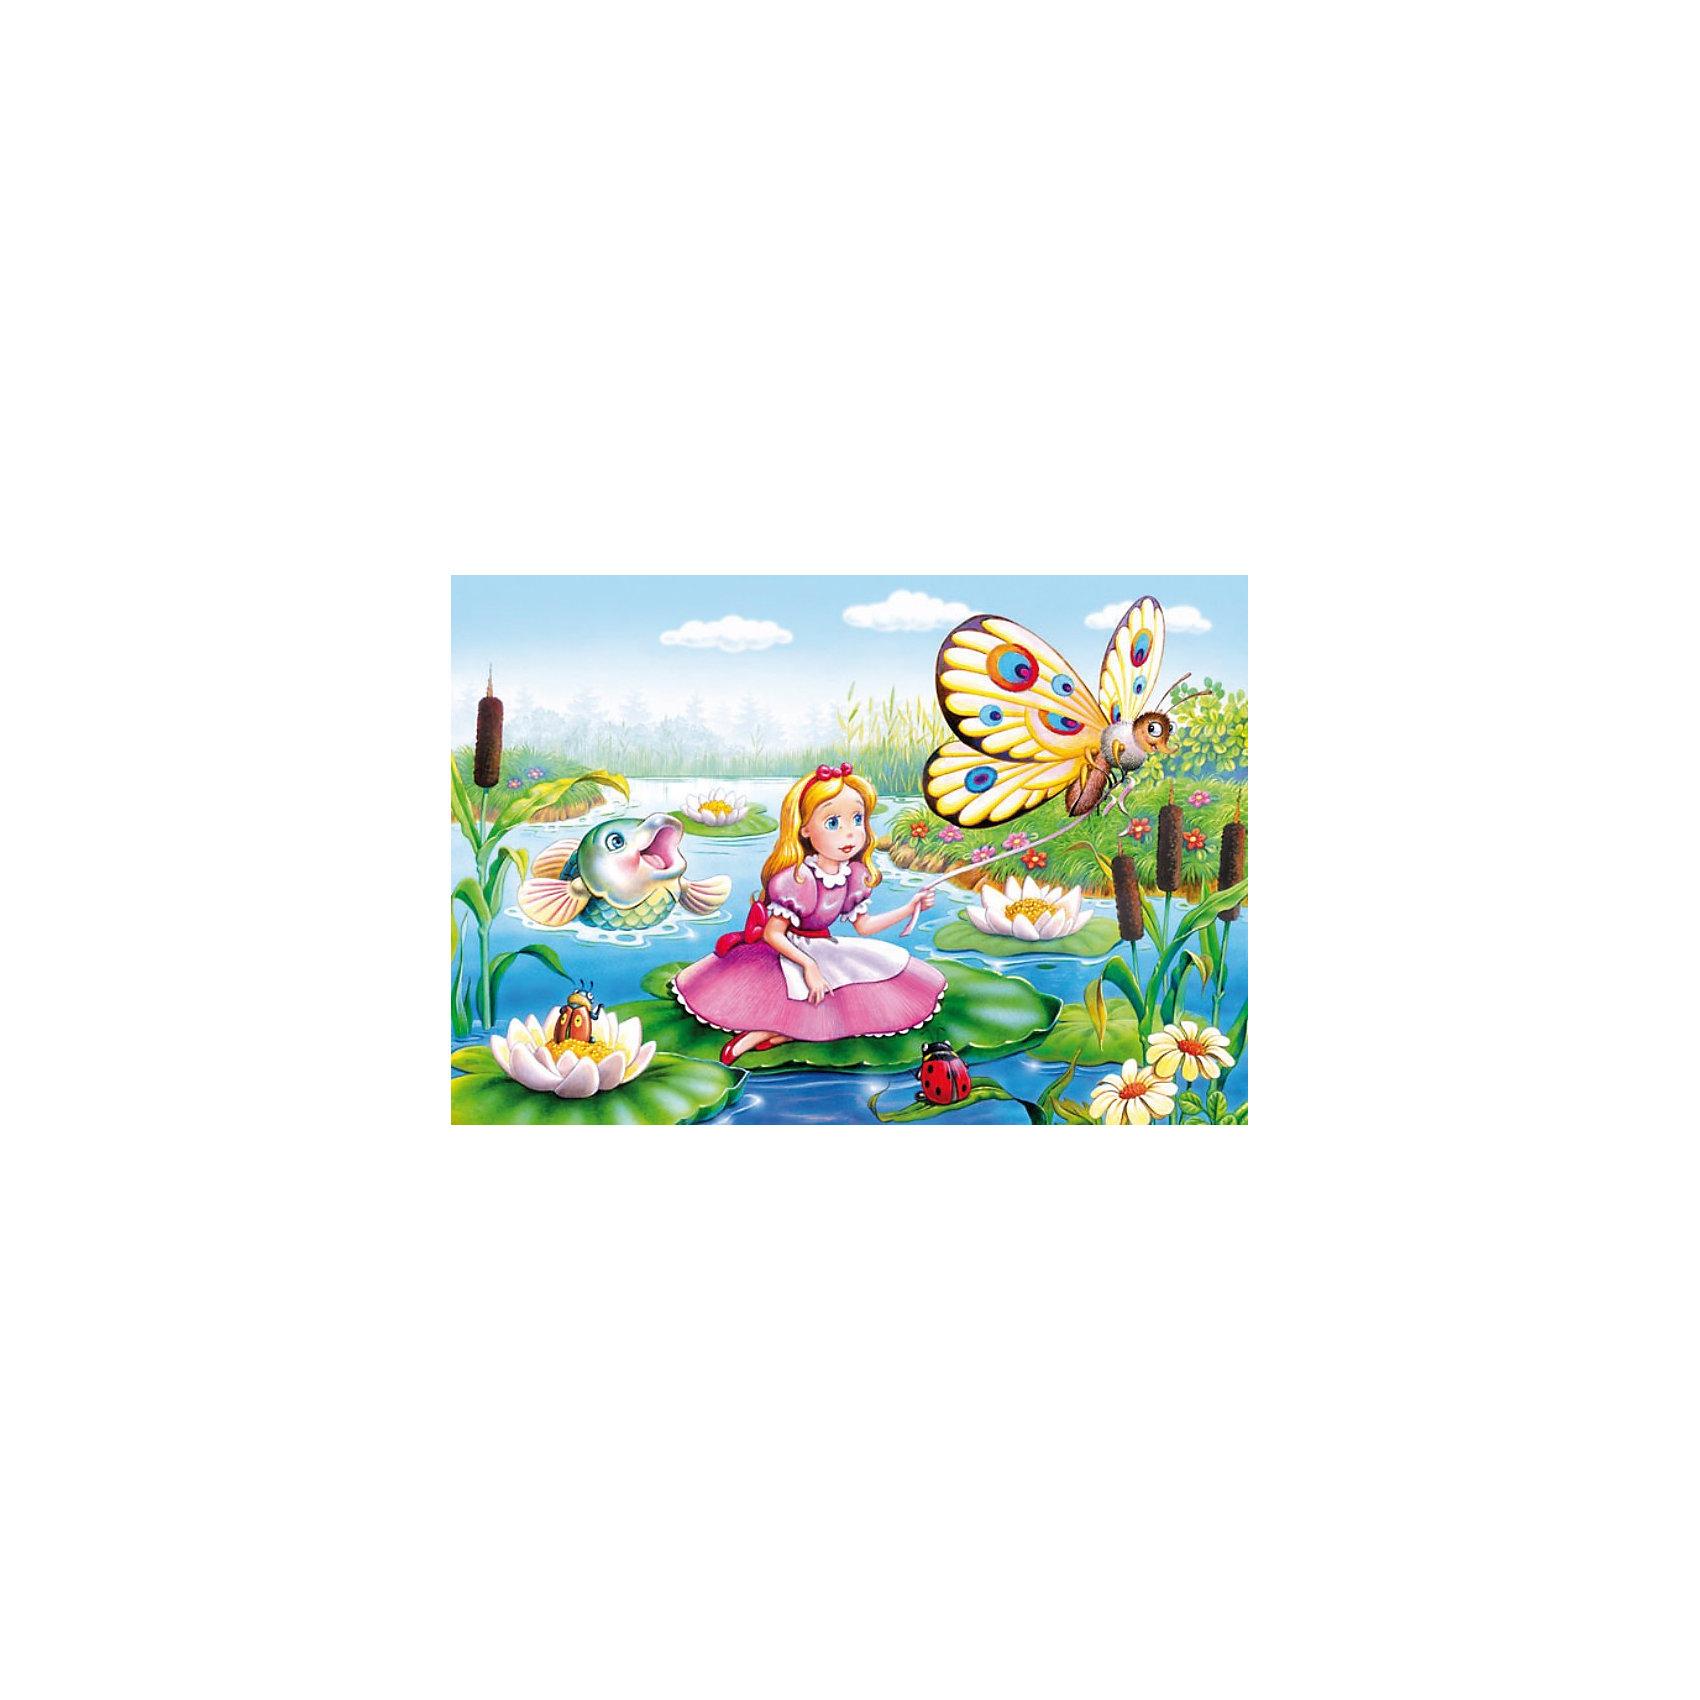 Castorland Пазлы Дюймовочка, 120 деталей, Castorland пазлы magic pazle объемный 3d пазл эйфелева башня 78x38x35 см